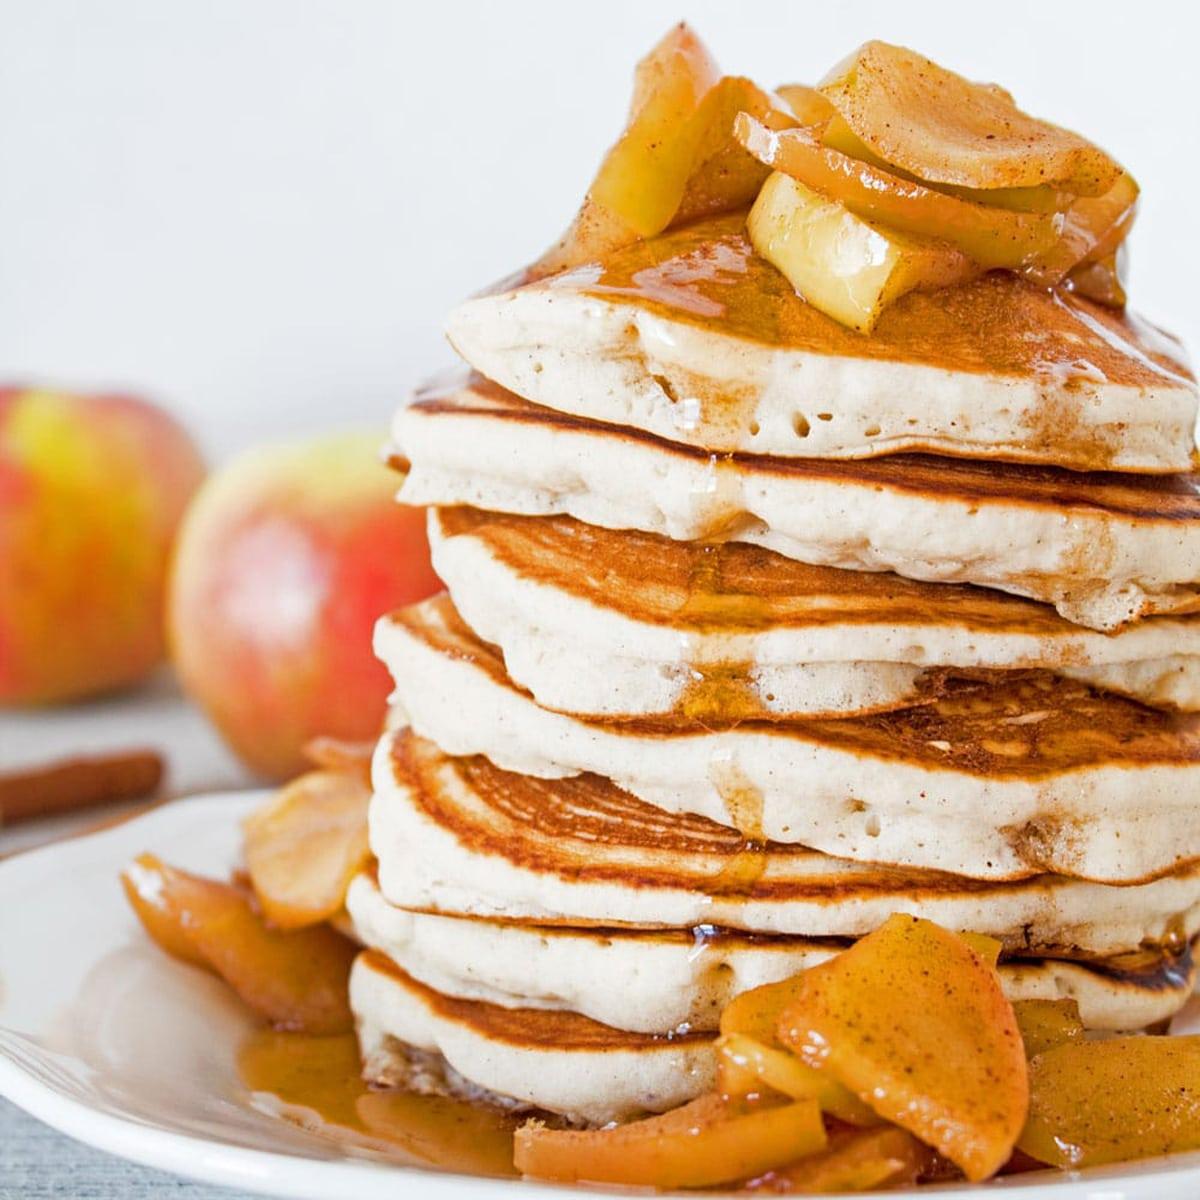 С накоплением блины с печеными яблоками и сиропом на белой тарелке.